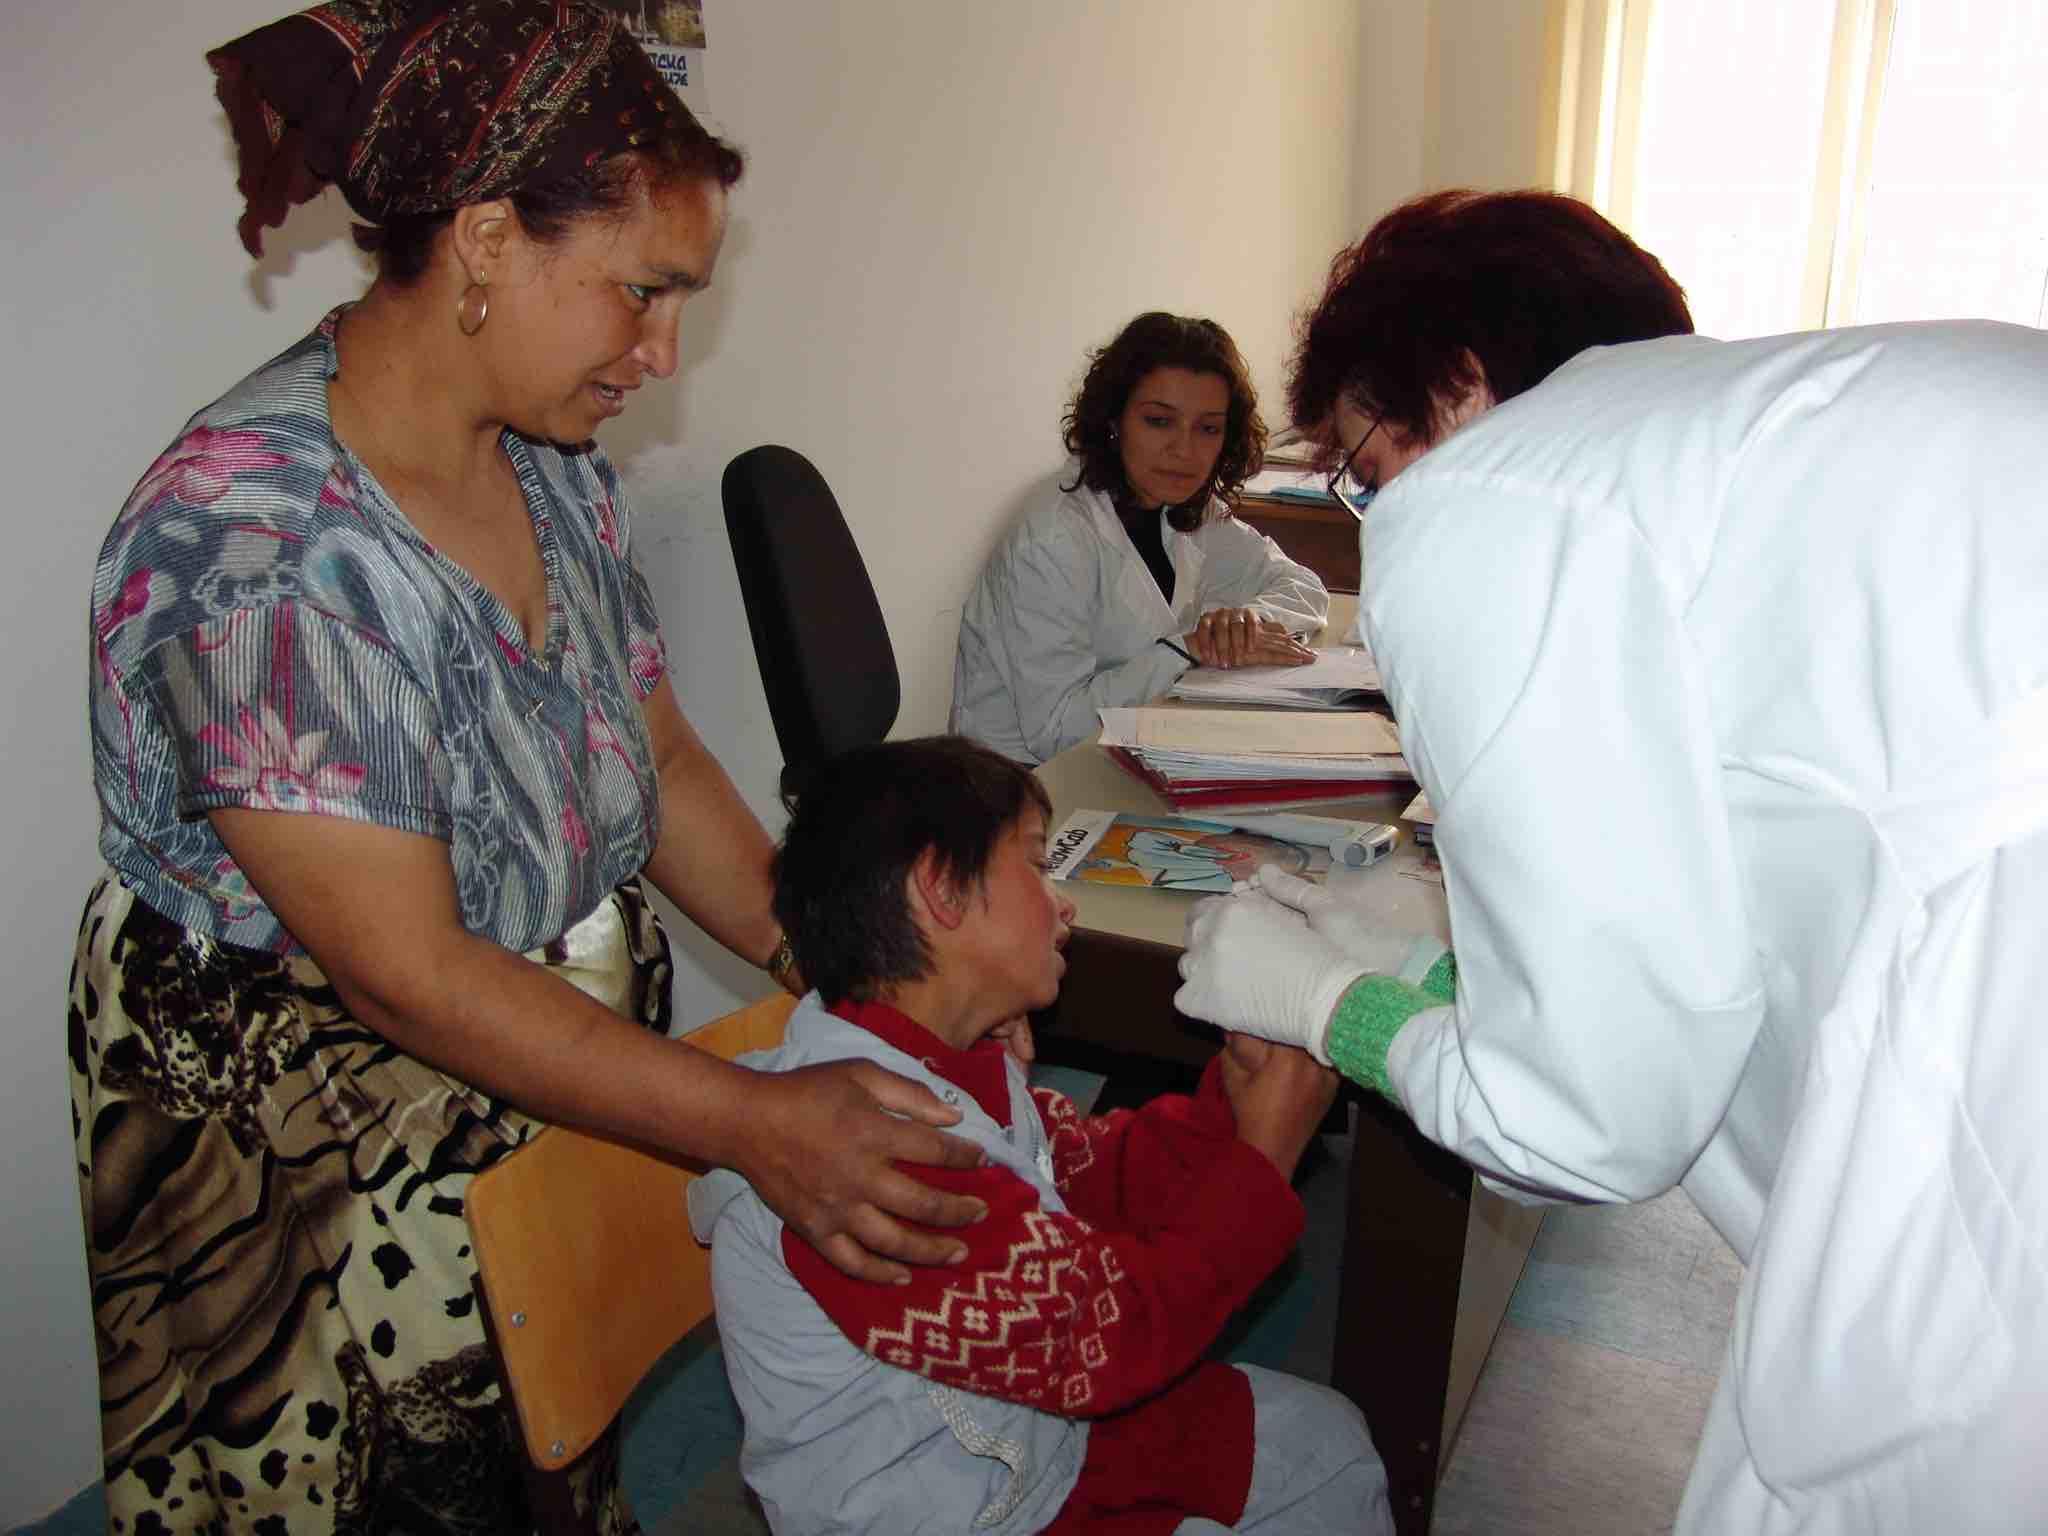 <p>Un paciente afectado por el plomo durante una prueba médica.</p>